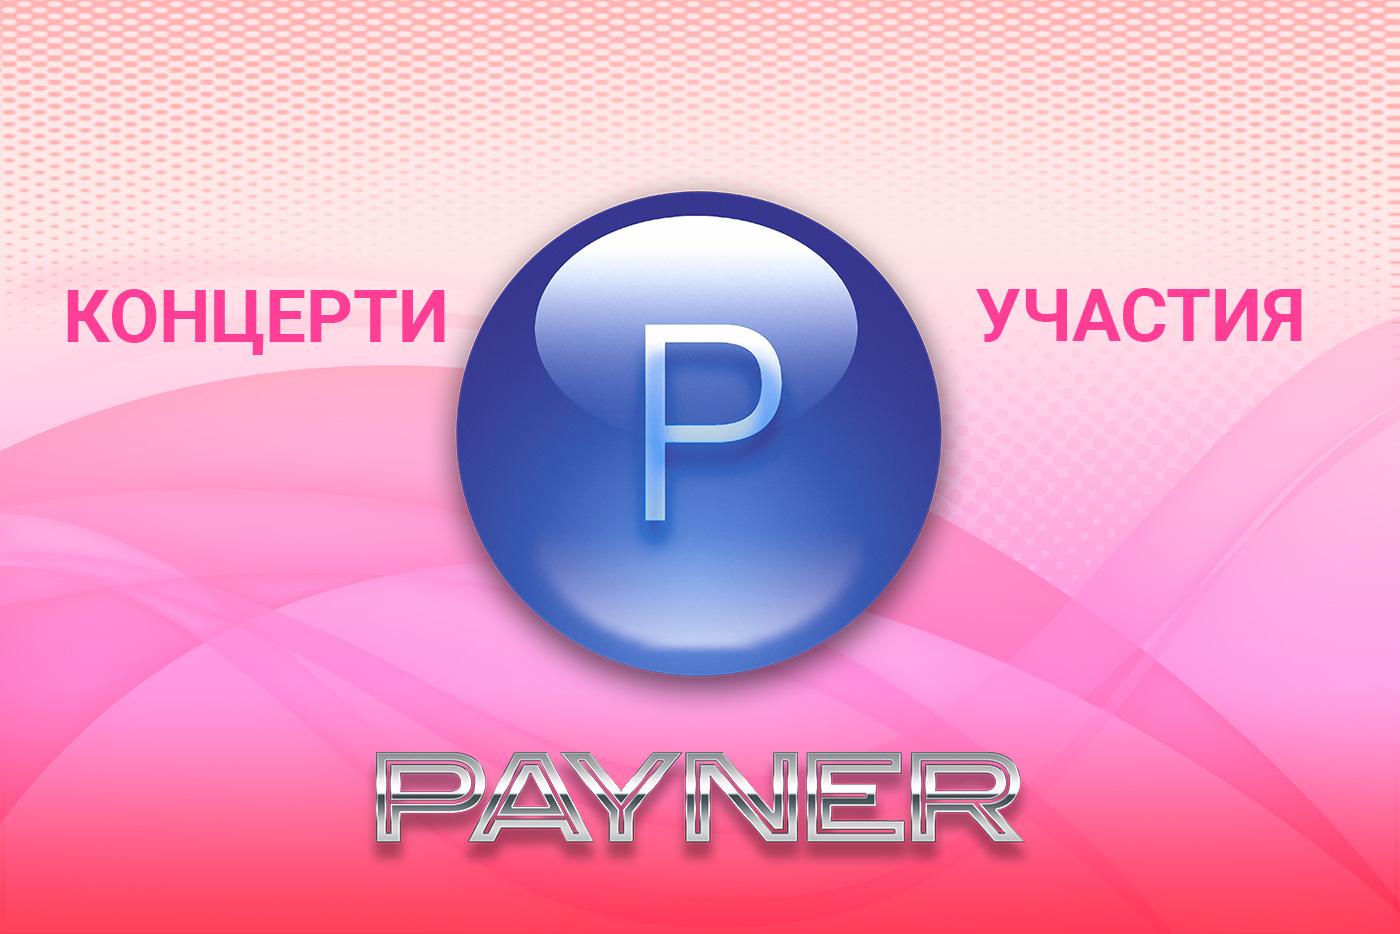 """Участия на звездите на """"Пайнер"""" на 22.10.2019"""